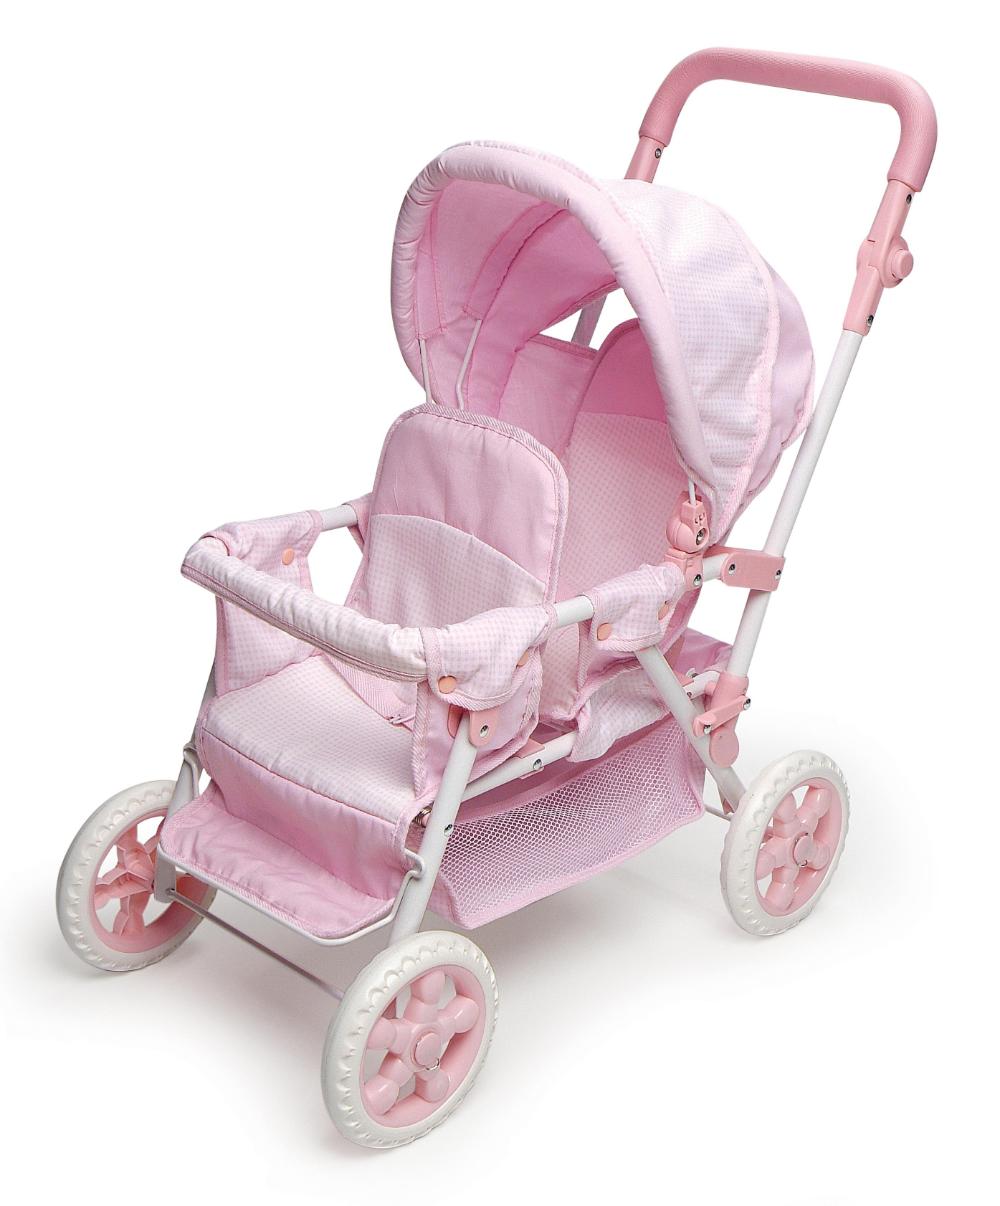 Toys (With images) Badger basket, Stroller, Folding stroller